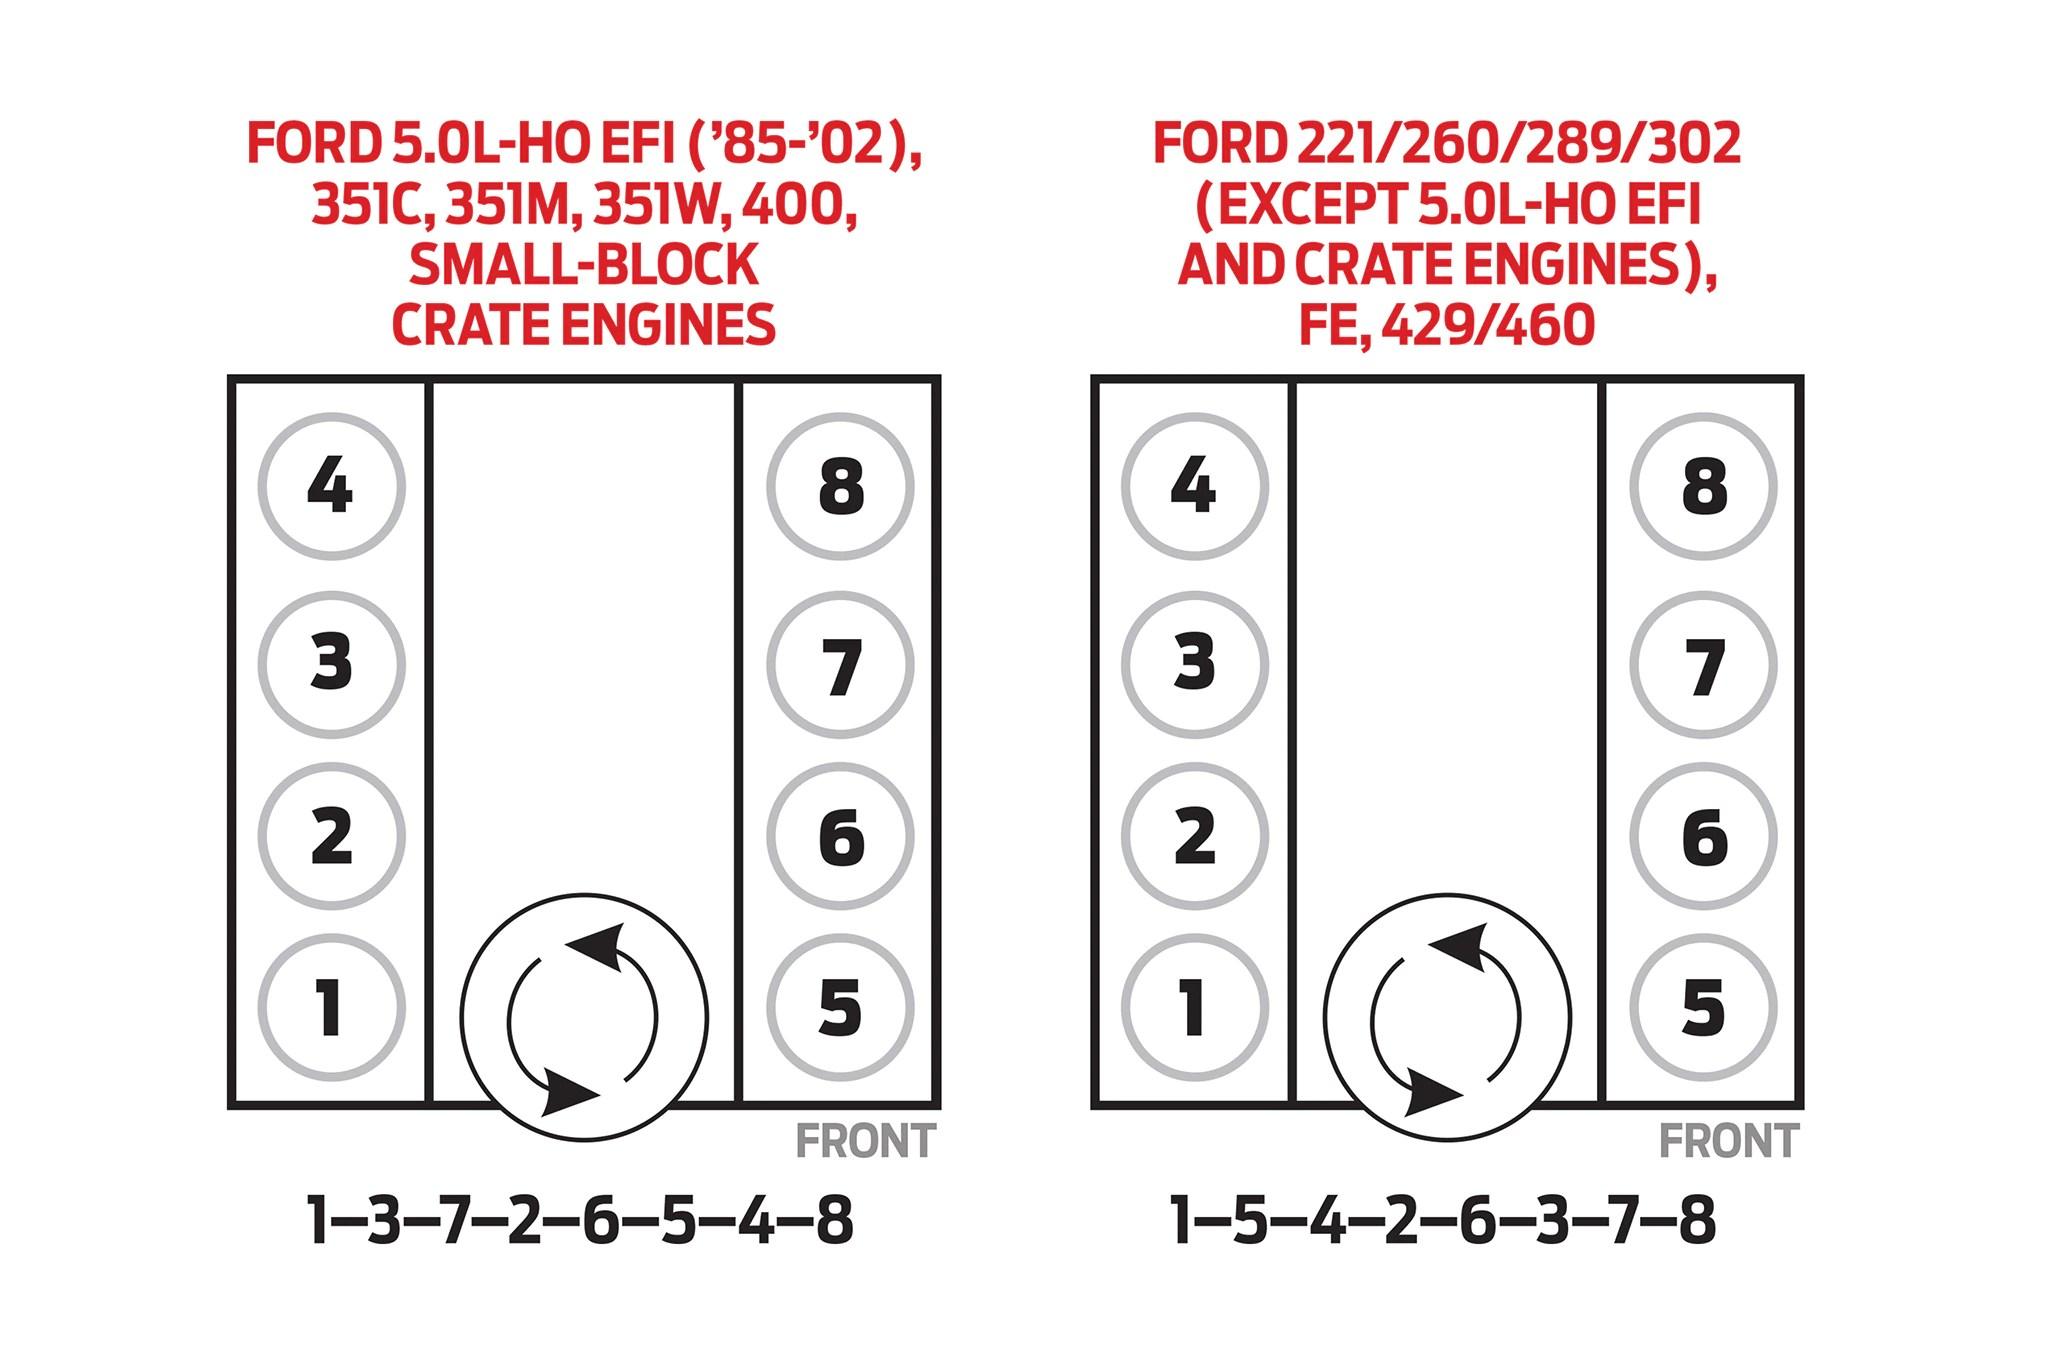 hight resolution of mustang 5 0 ho firing order diagram further ford mustang wiring ford 4 0 firing order diagram 1993 ford 5 0 firing order ford